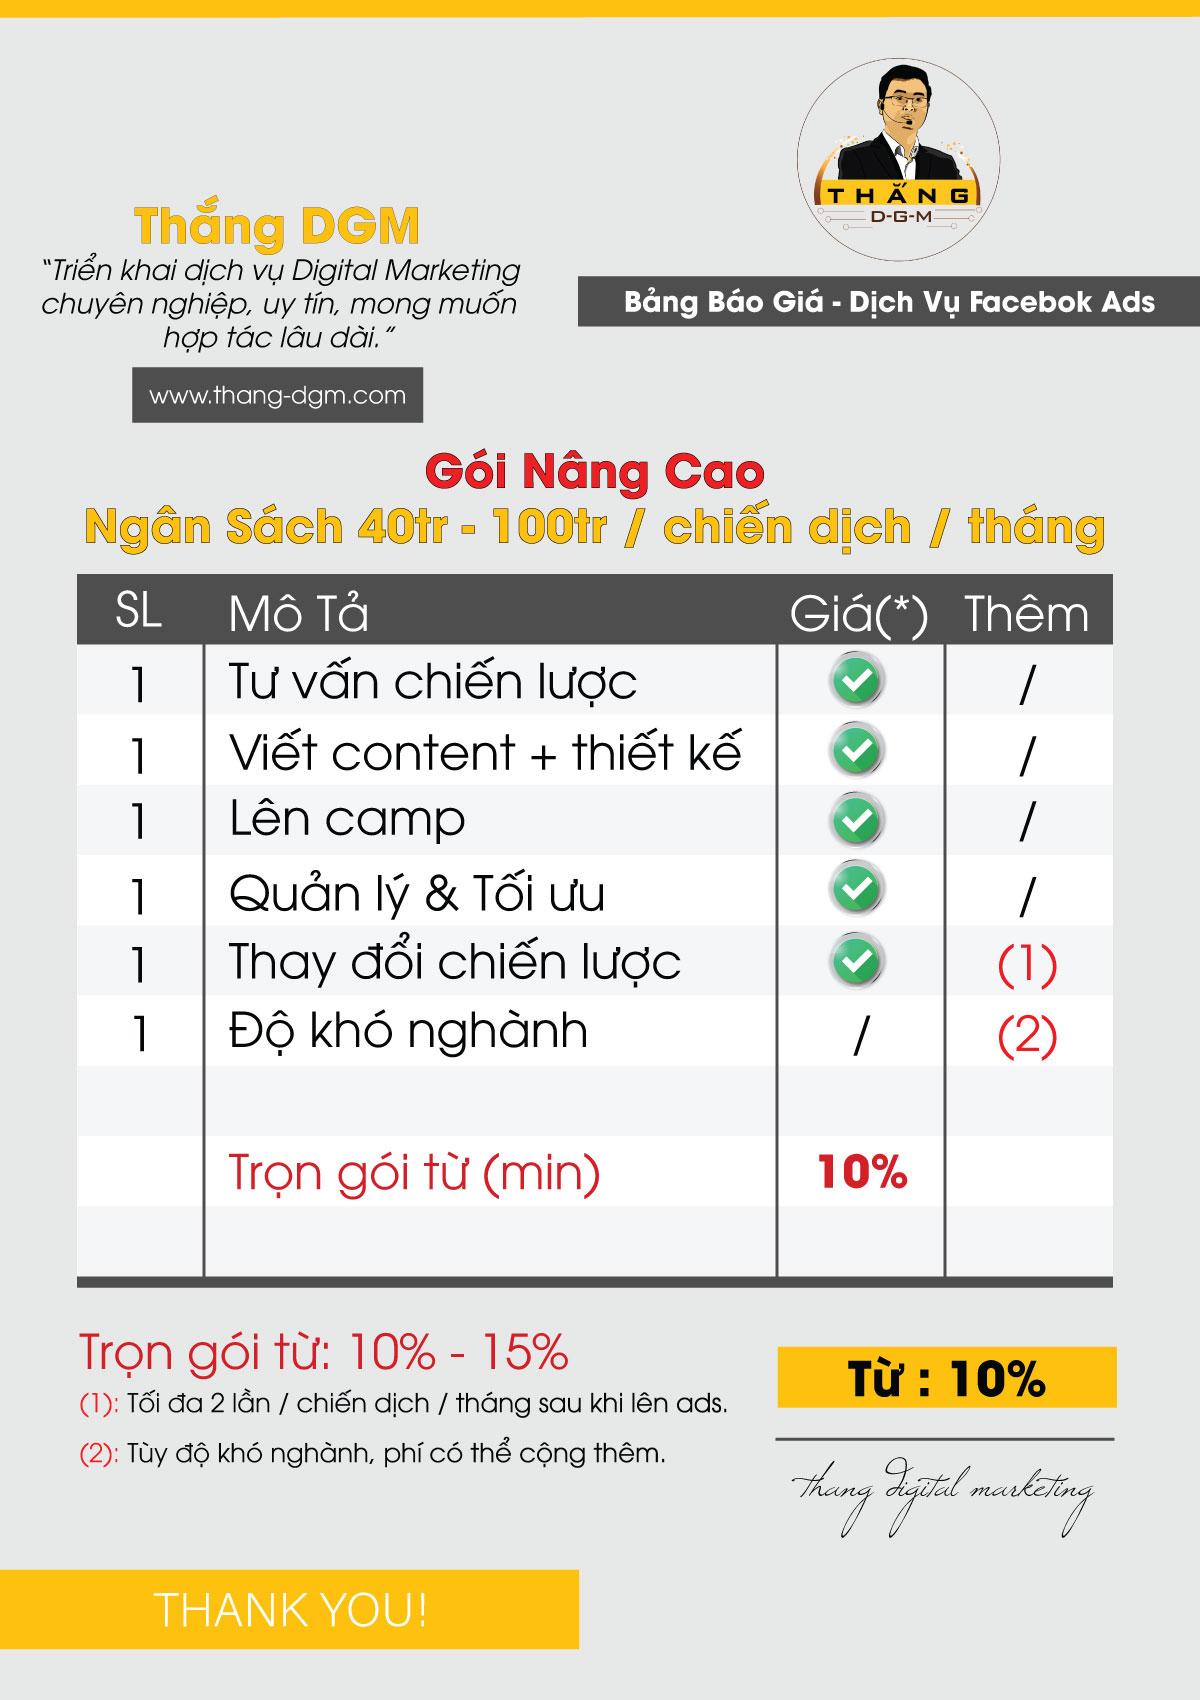 Bảng giá dịch vụ quảng cáo facebok ads trọn gói, gói nâng cao